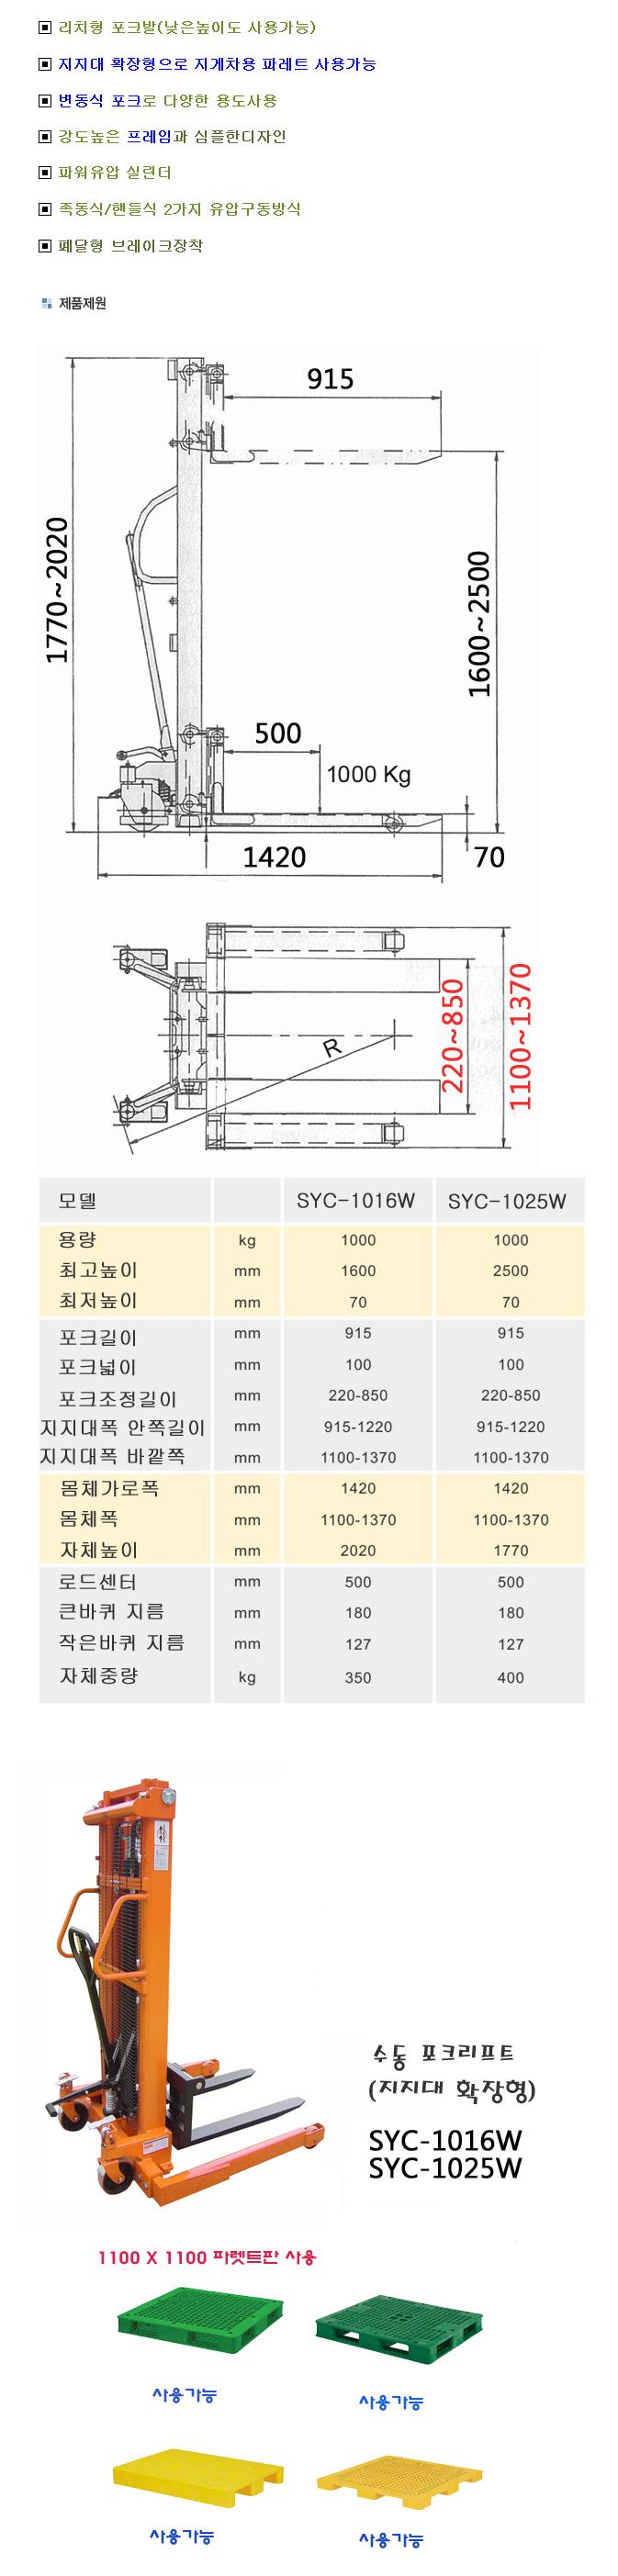 (주)쌍용리프트 수동식 확장형 스태커 SYC-1016W / SYC-1025W